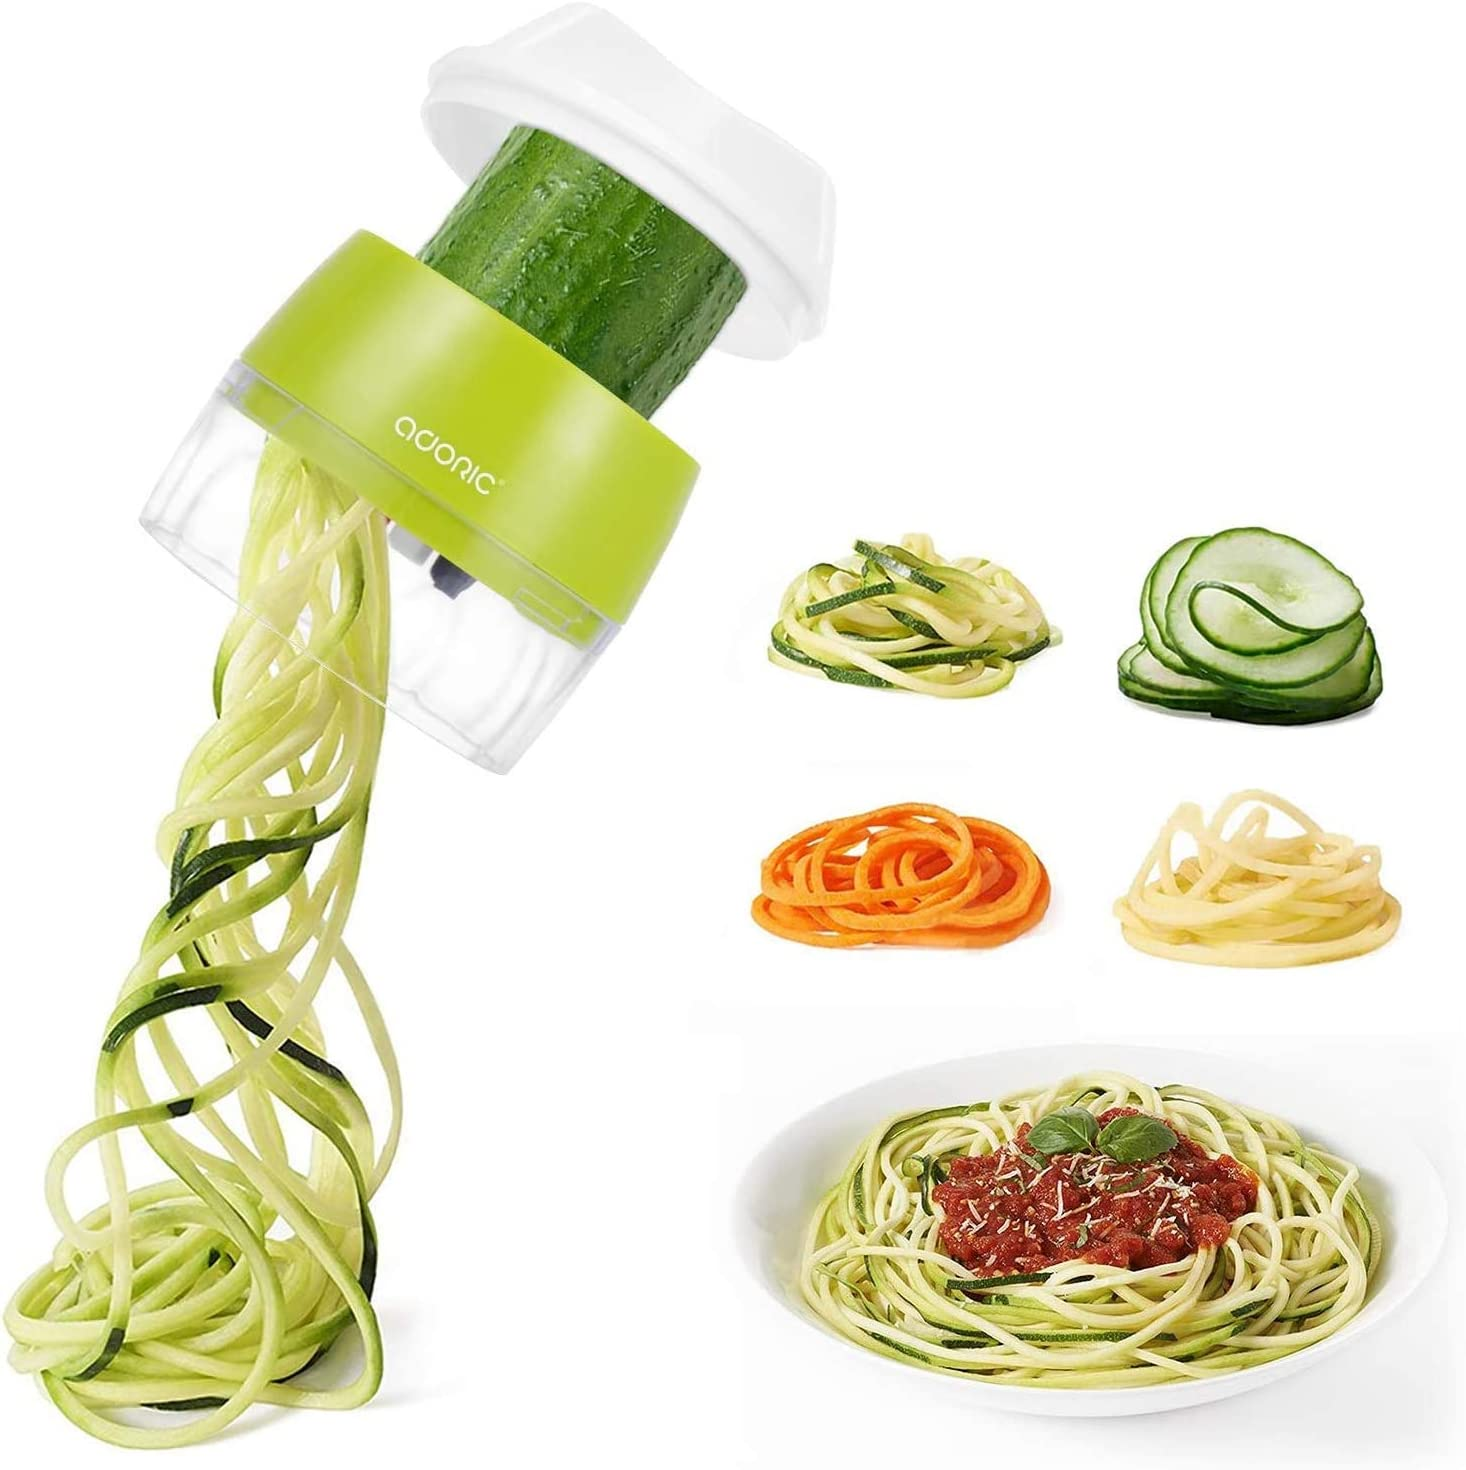 Handheld mart Spiralizer Vegetable Max 77% OFF Slicer Adoric 4 Duty Heavy V 1 in